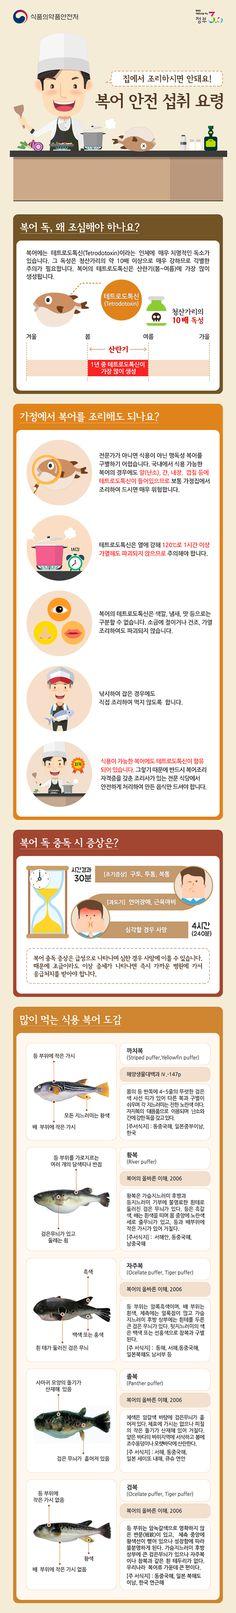 복어 안전 섭취 요령에 관한 인포그래픽